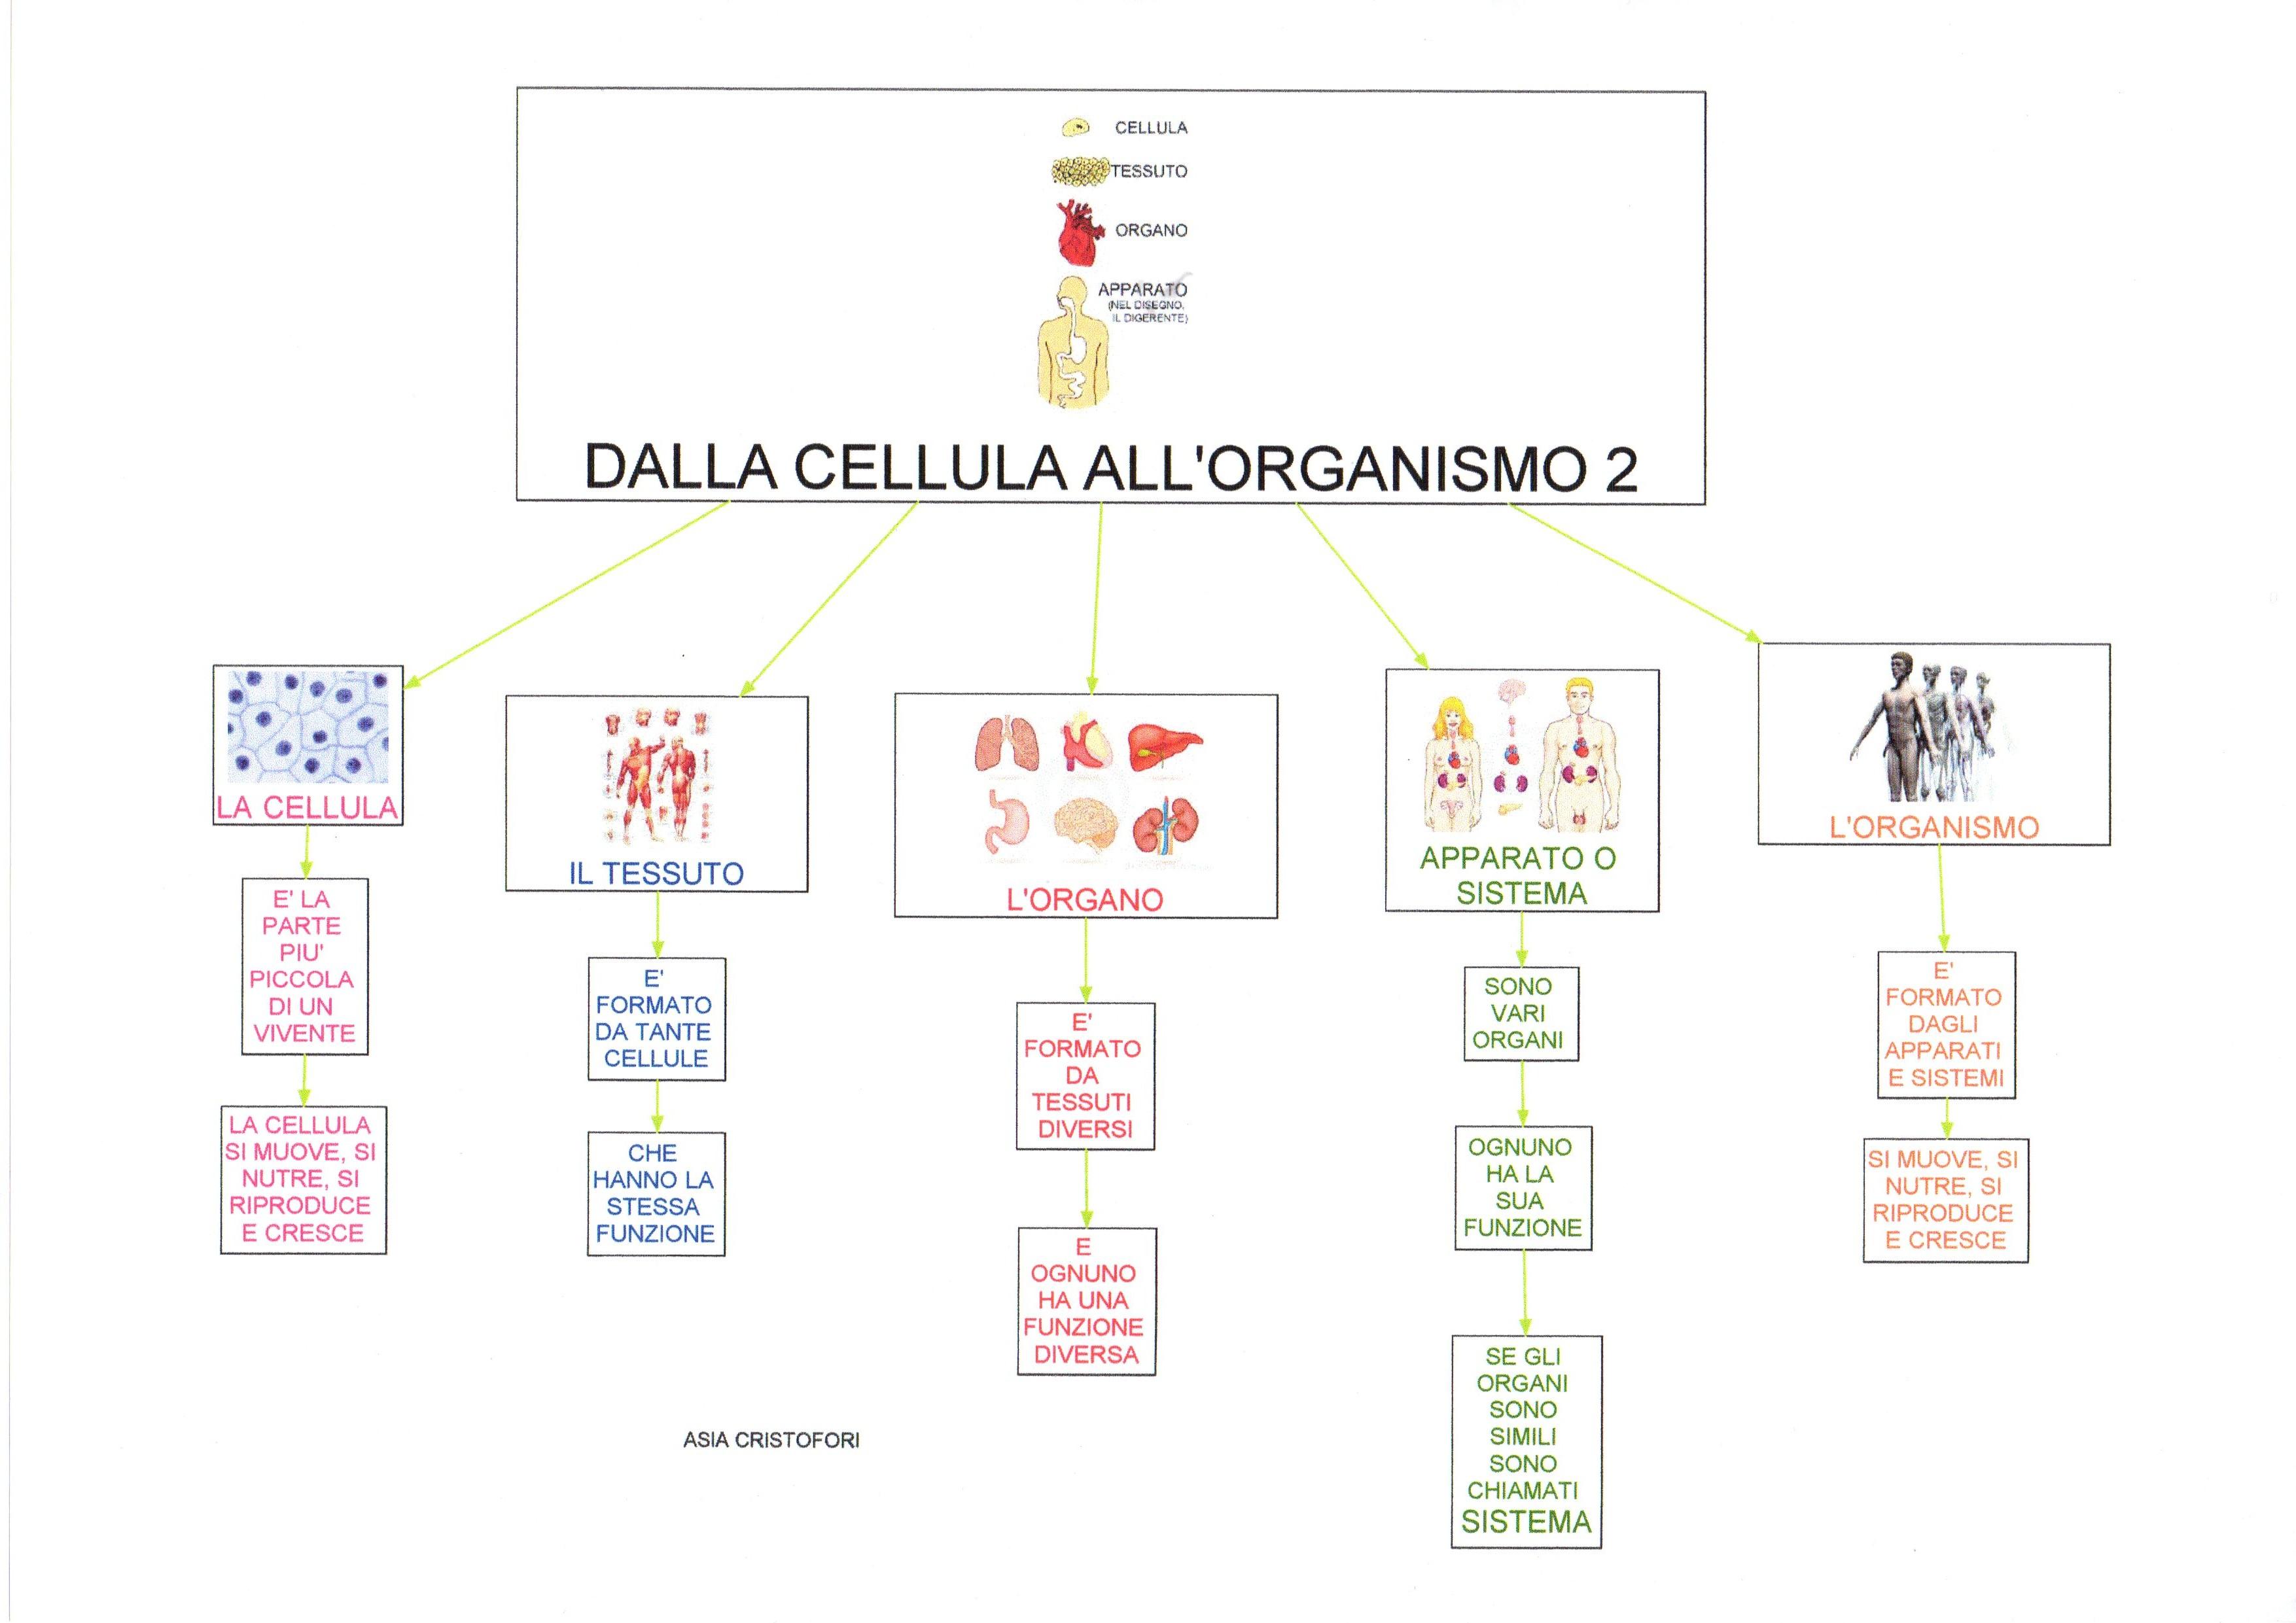 Connu Mappe scienze: Dalla Cellula all'organismo | Dislessia Discalculia  QX65